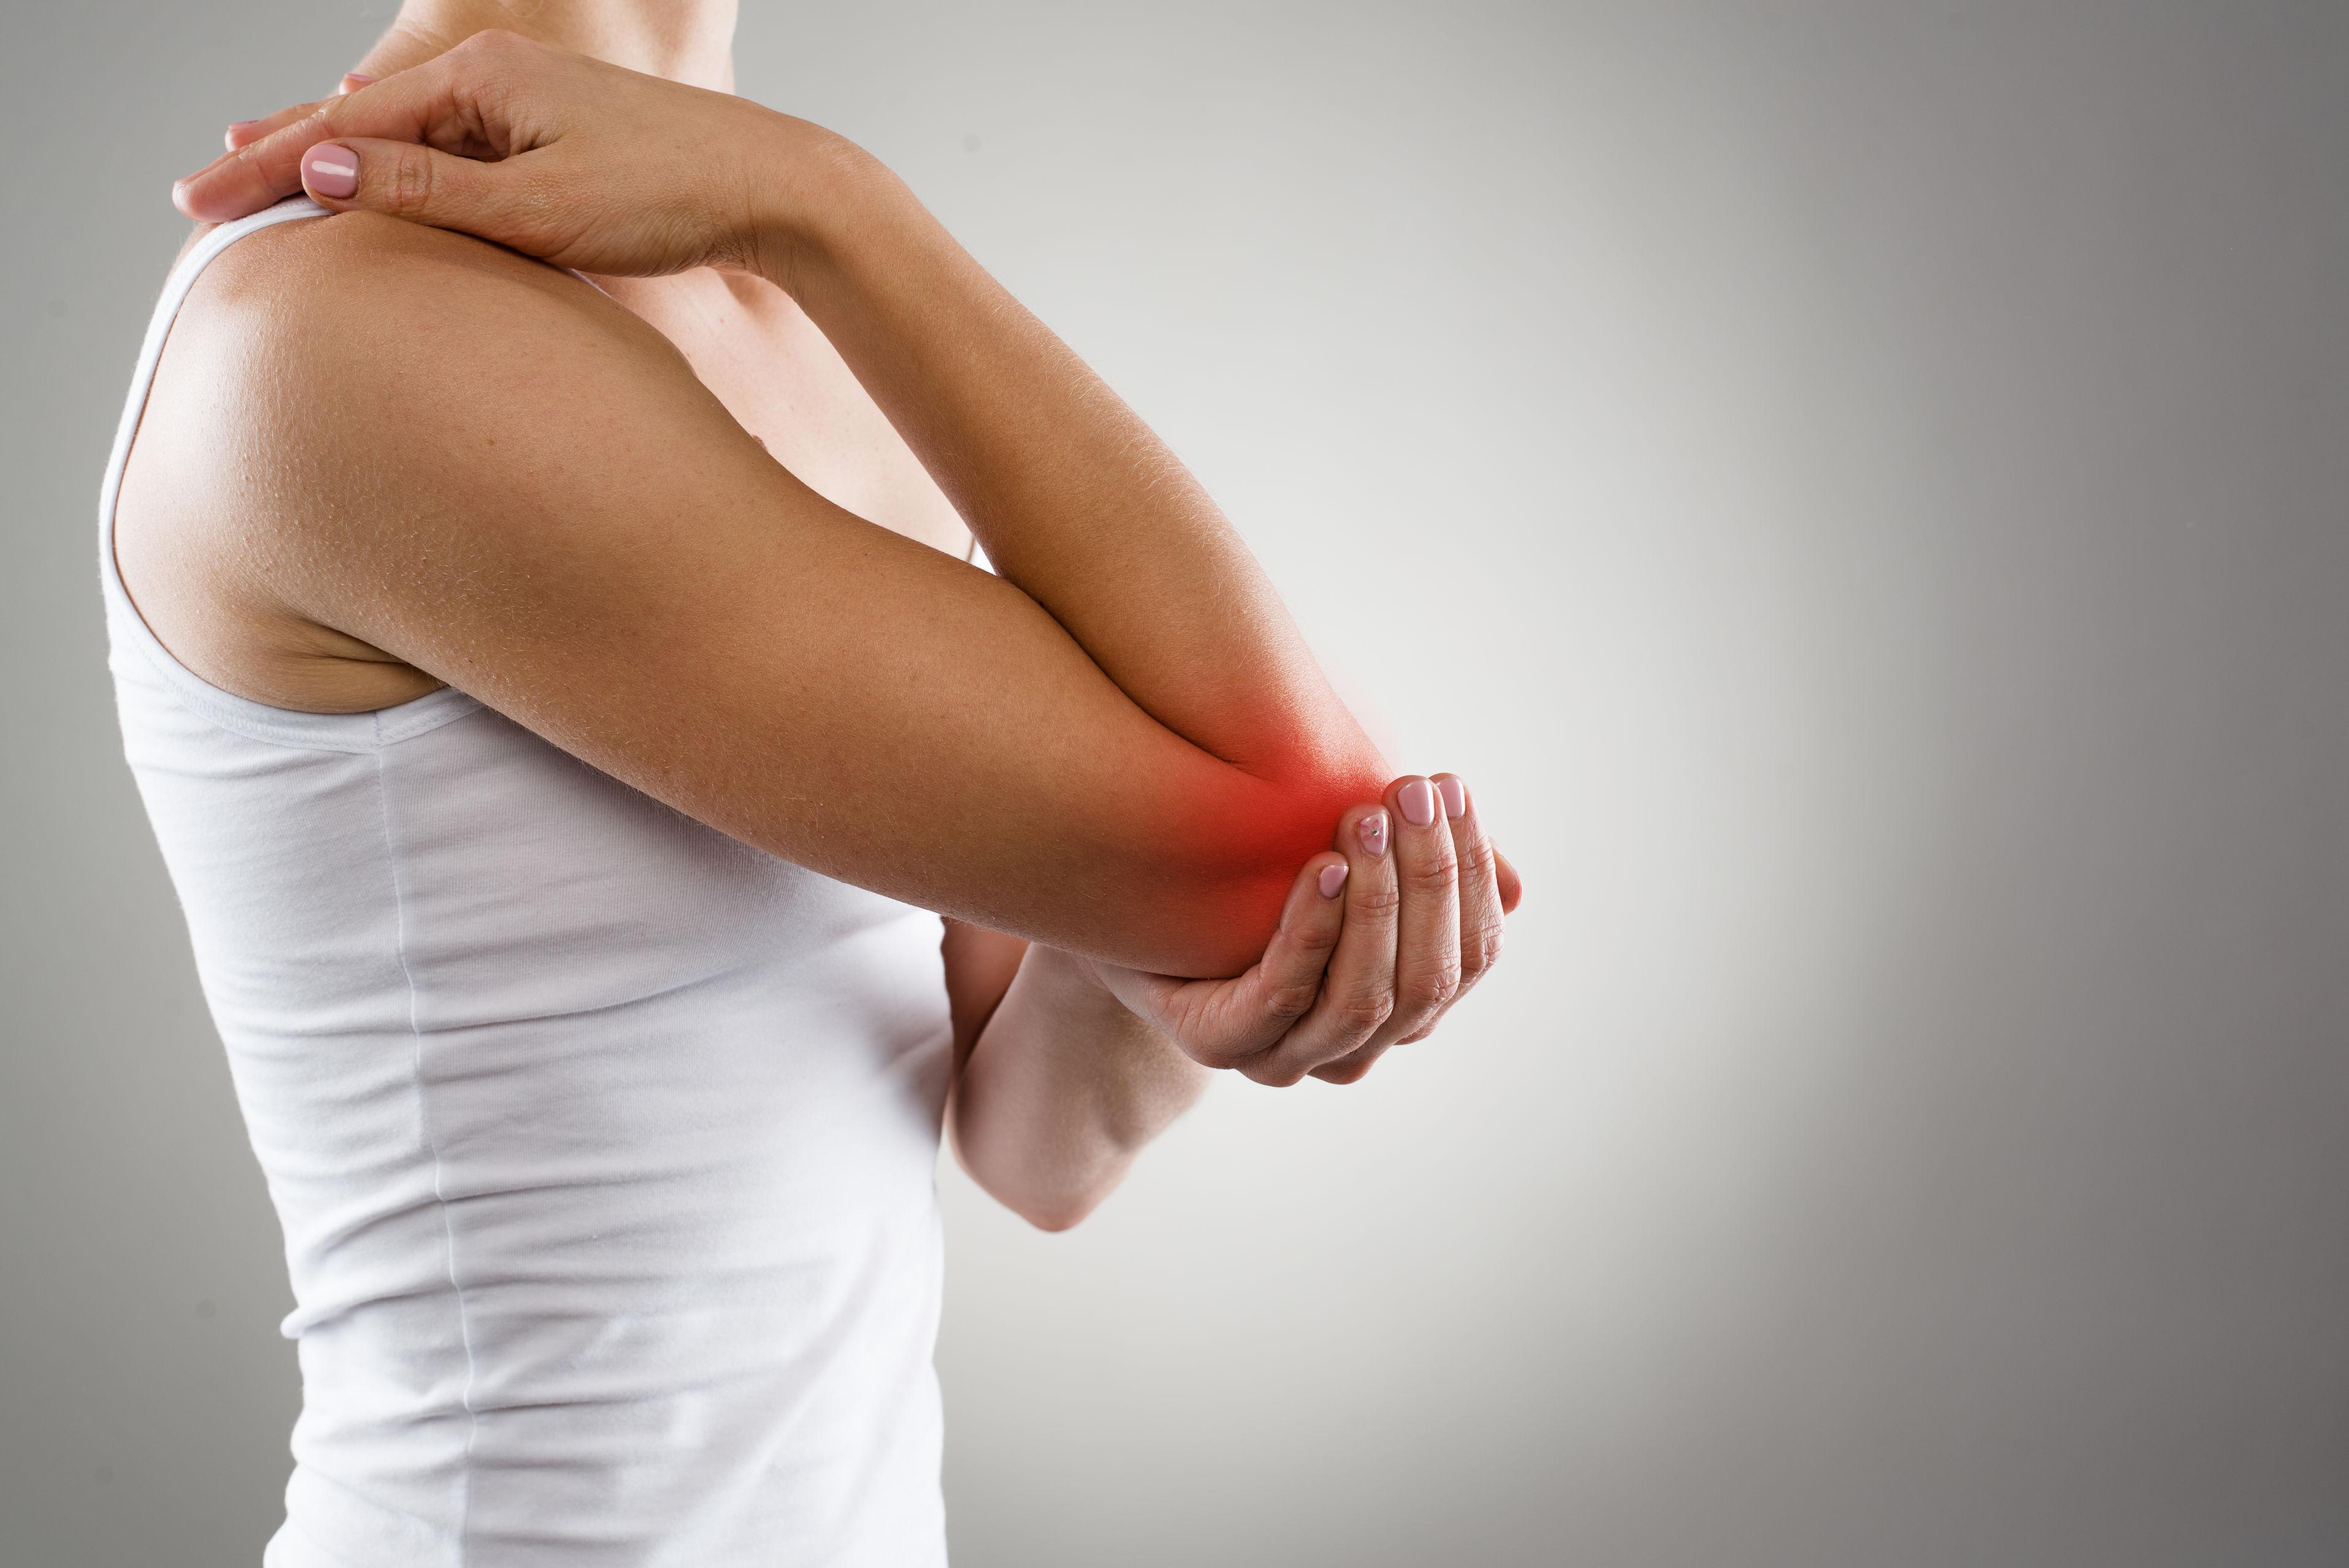 ízületi fájdalom költsége fáj a karok a könyök ízületeiben